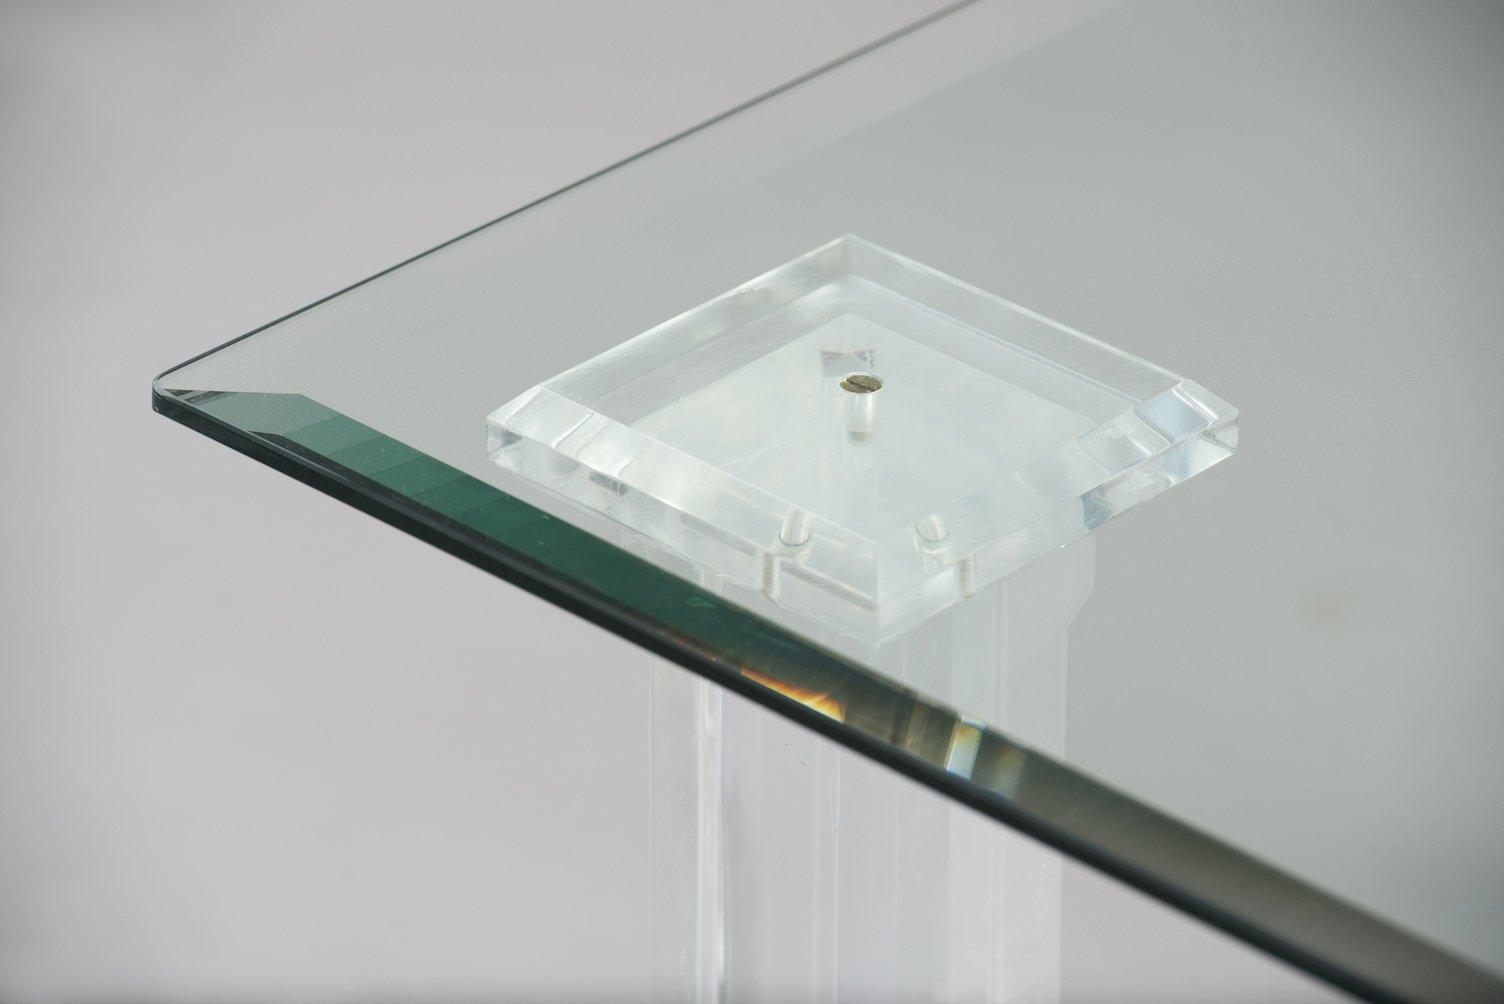 Italienischer plexiglas glas beistelltisch bei pamono kaufen for Beistelltisch plexiglas